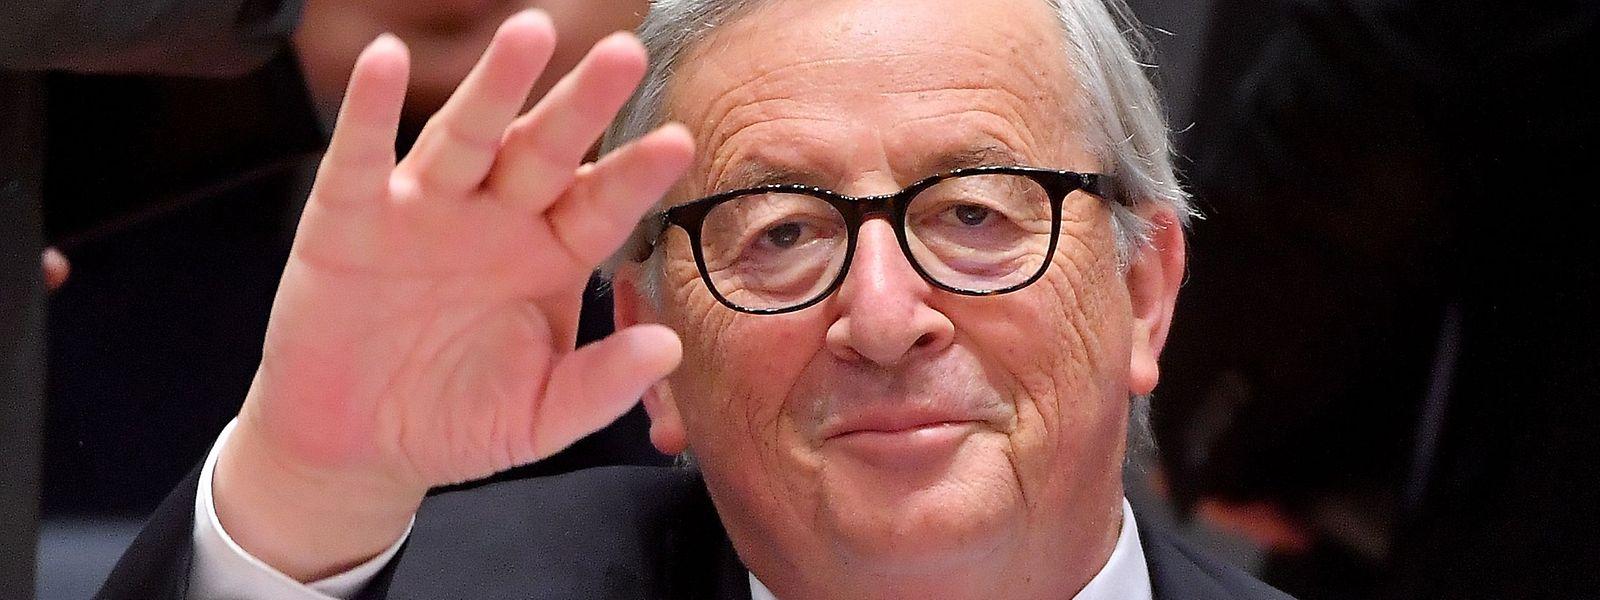 Jean-Claude Juncker avait déjà été opéré au mois d'août pour une ablation urgente de la vésicule biliaire.